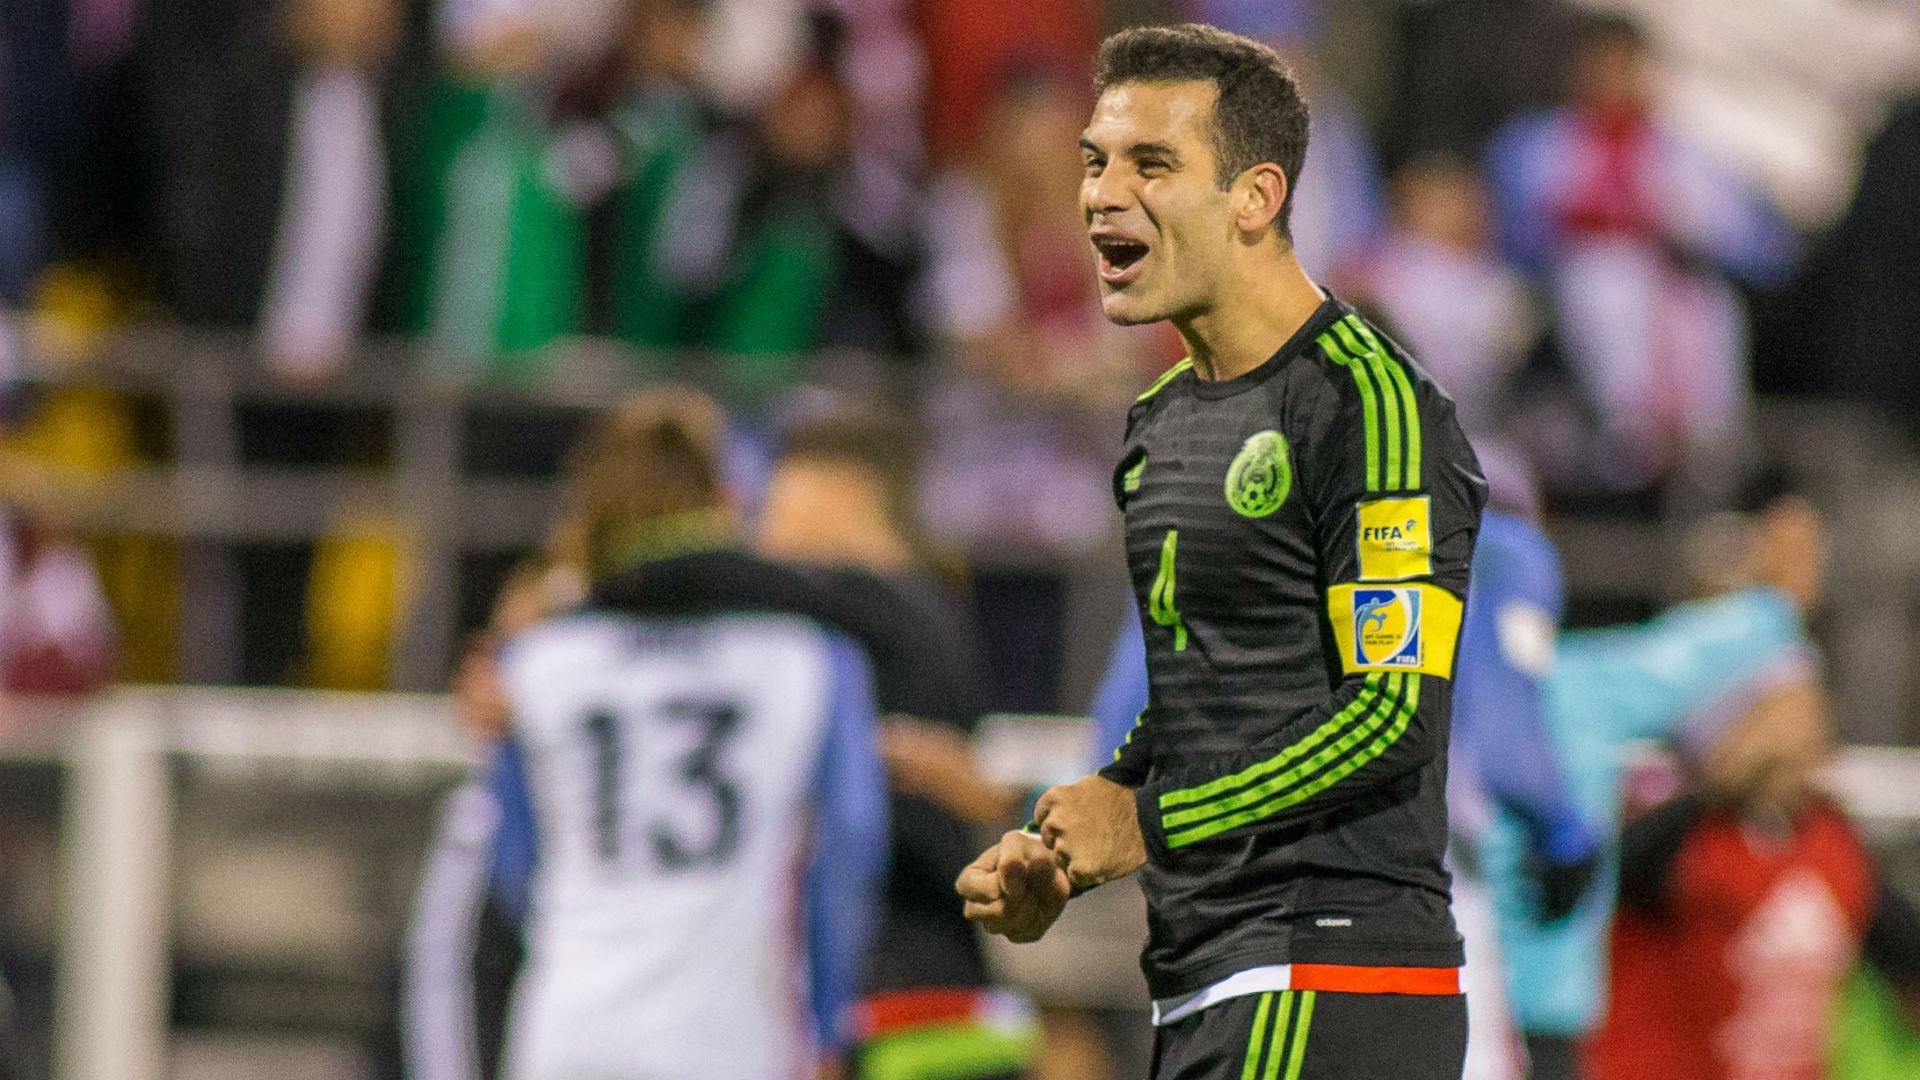 Rafael Marquez (4) celebra la victoria de su México frente a EEUU, el clásico de la zona (Foto: Reuters)